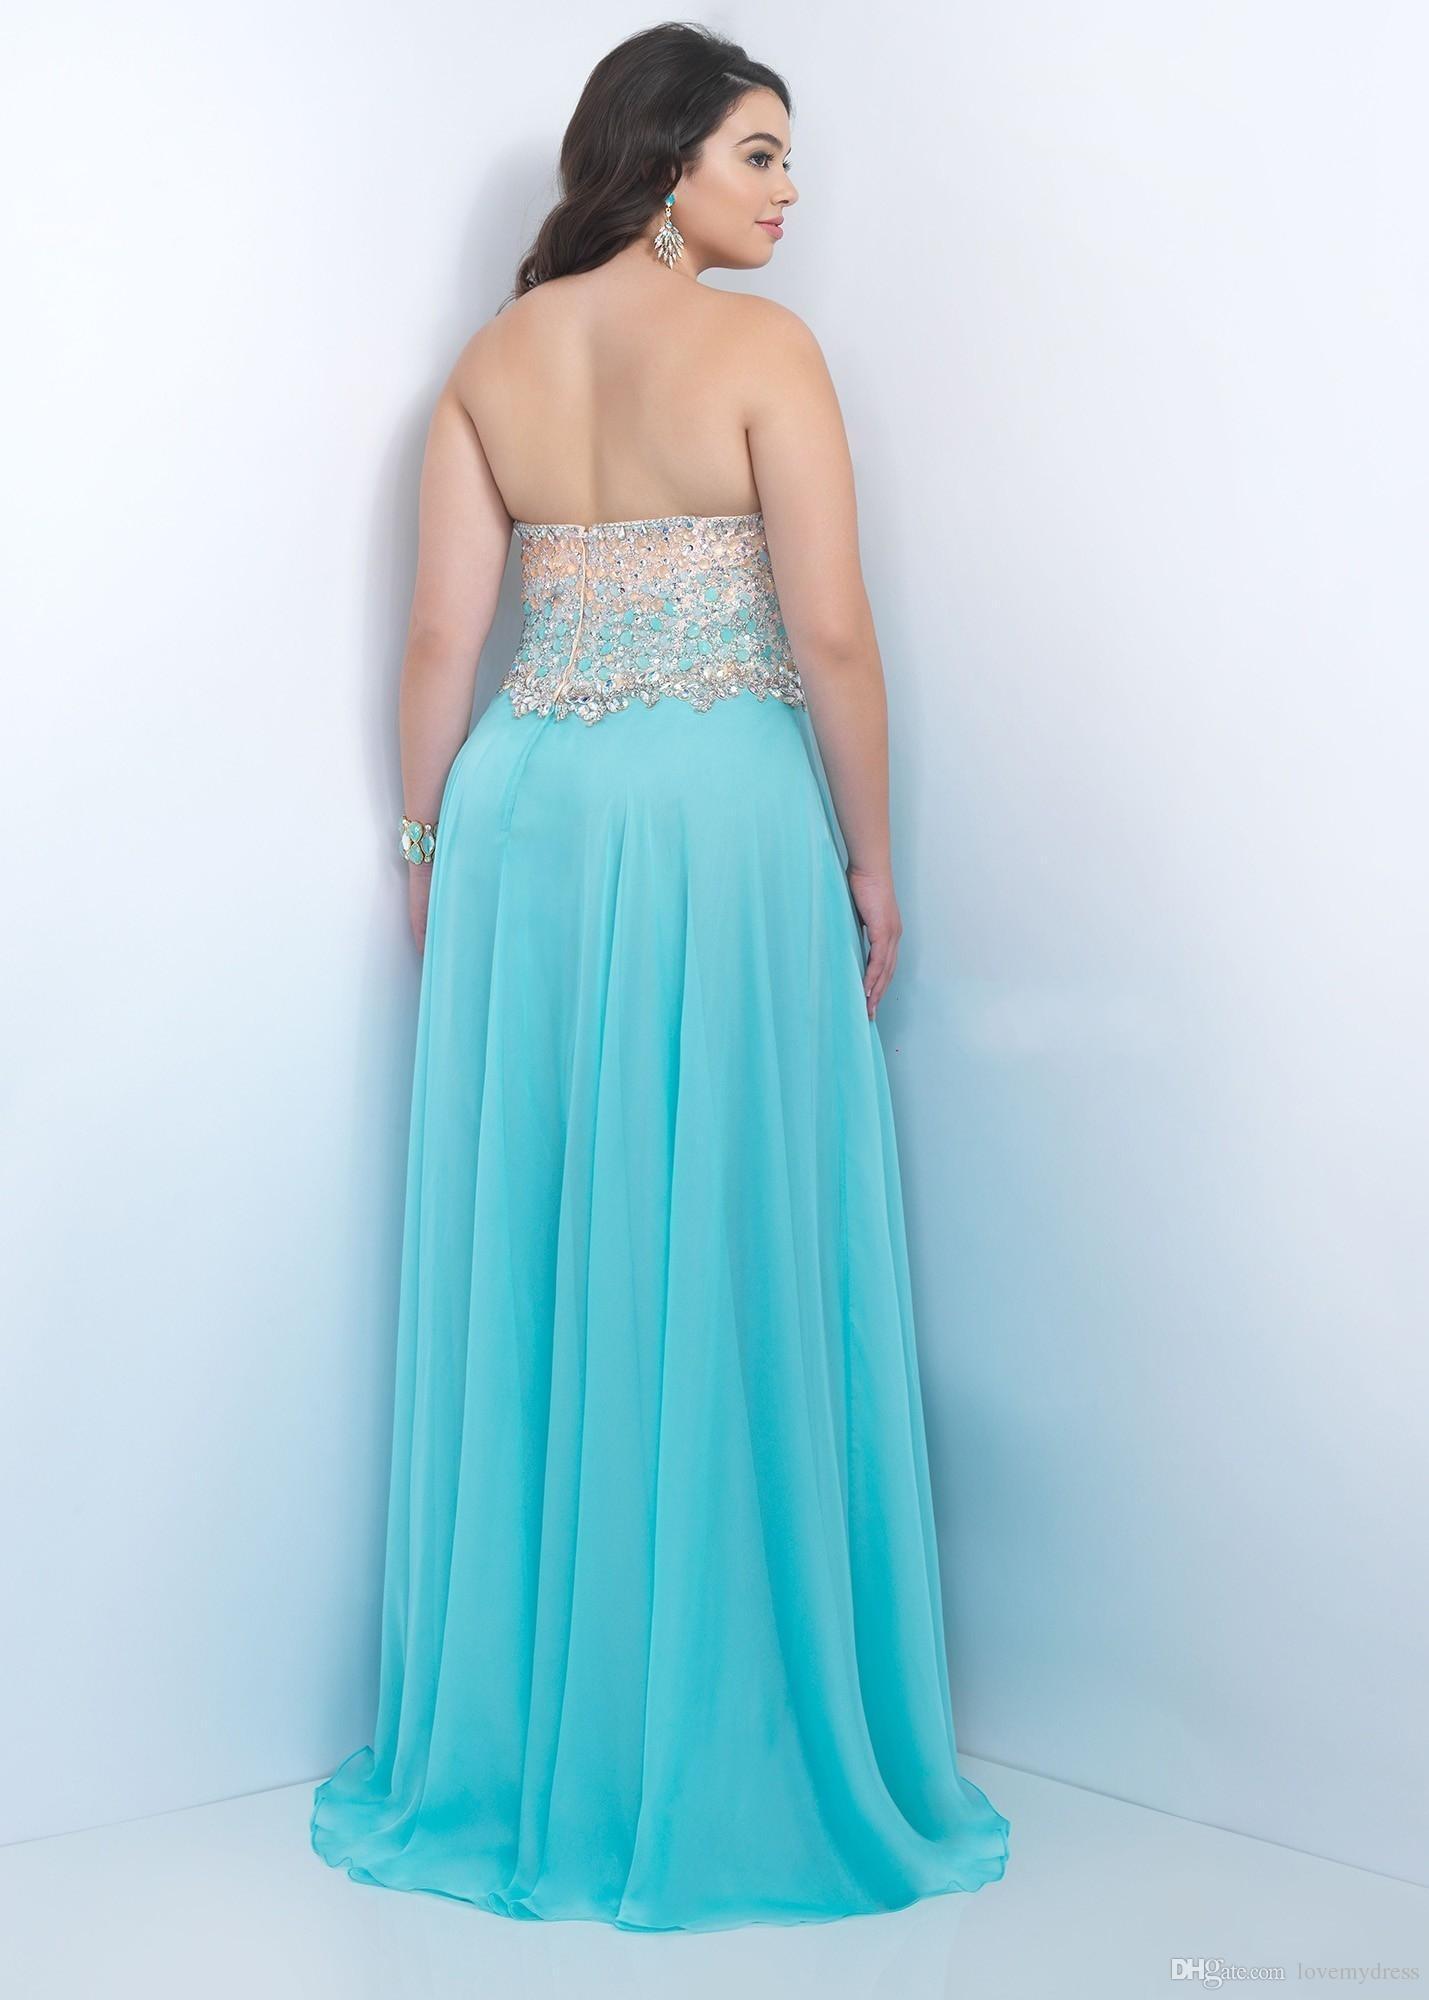 Plus Size Prom Dresses 2017 Crystas Elegante Beading Lantejoula Vestido Bling Brilhante Vestido Barato Até O Chão Custom Made Vestido de Noite MAIS TAMANHO